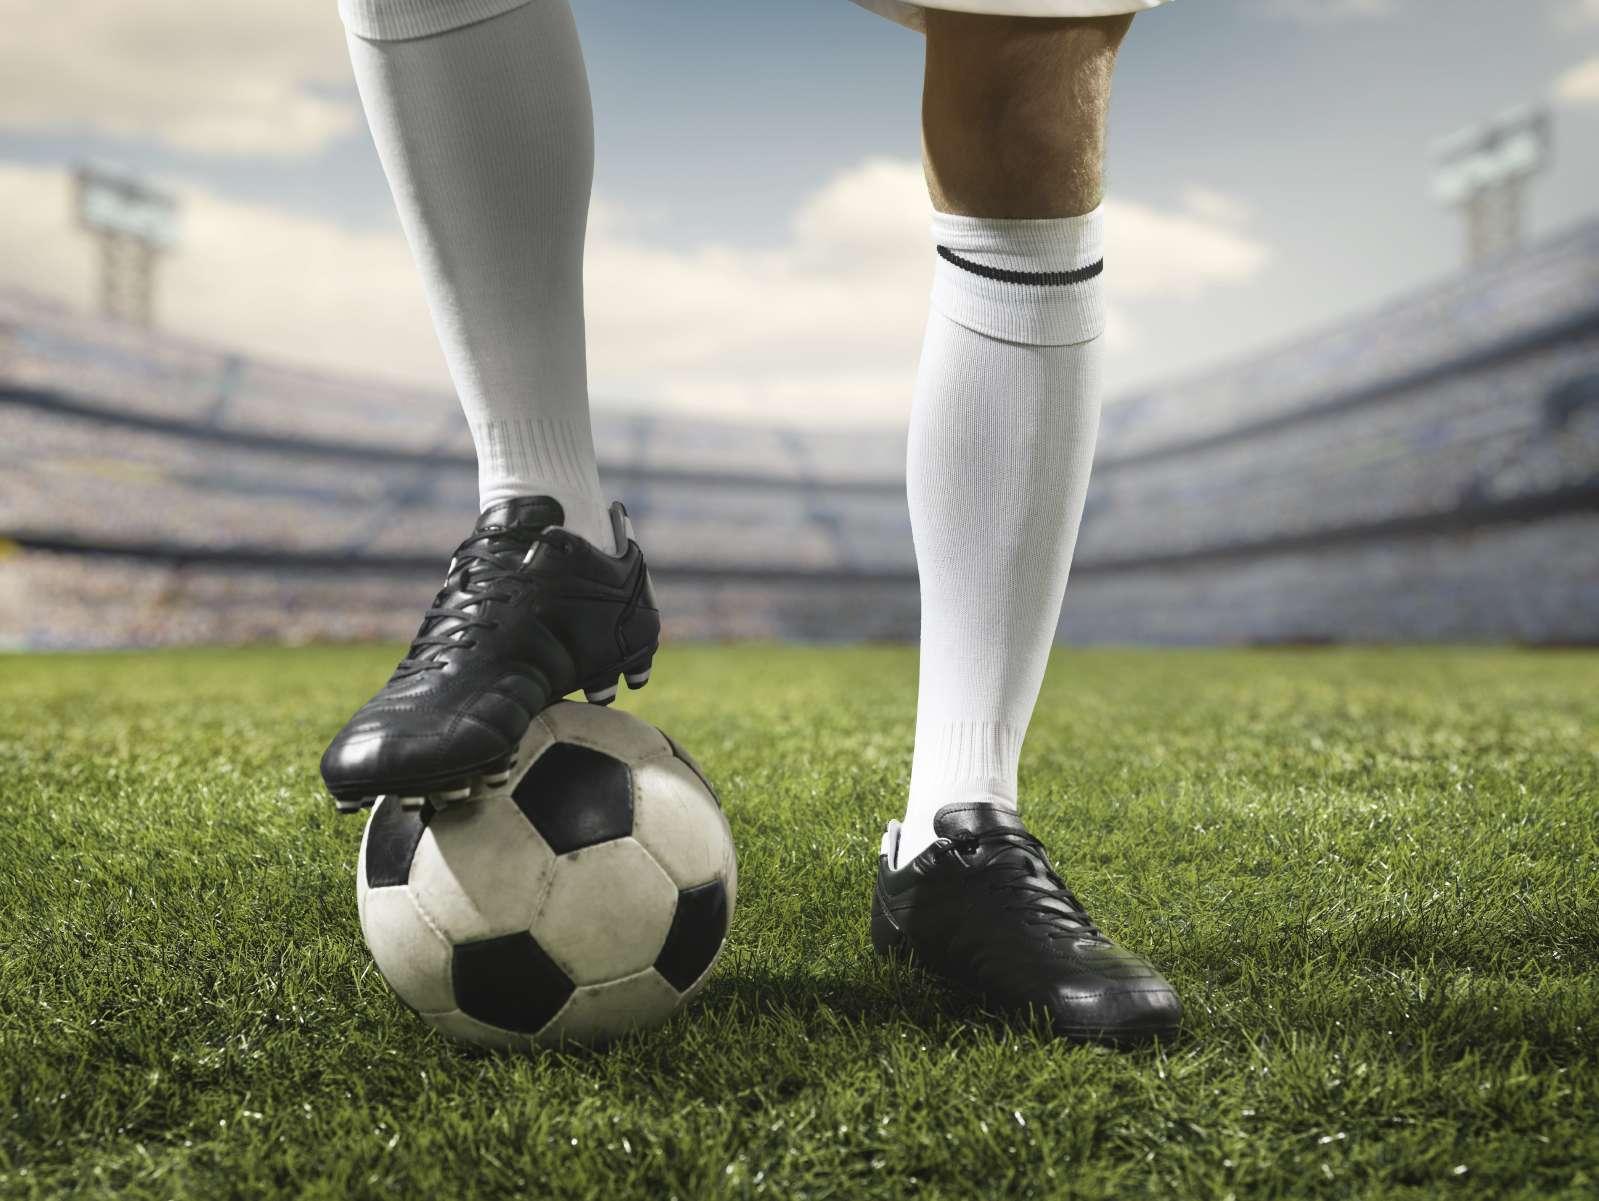 Le foot se joue avec les pieds mais se gagne aussi avec la tête. © Aksonov, Istock.com